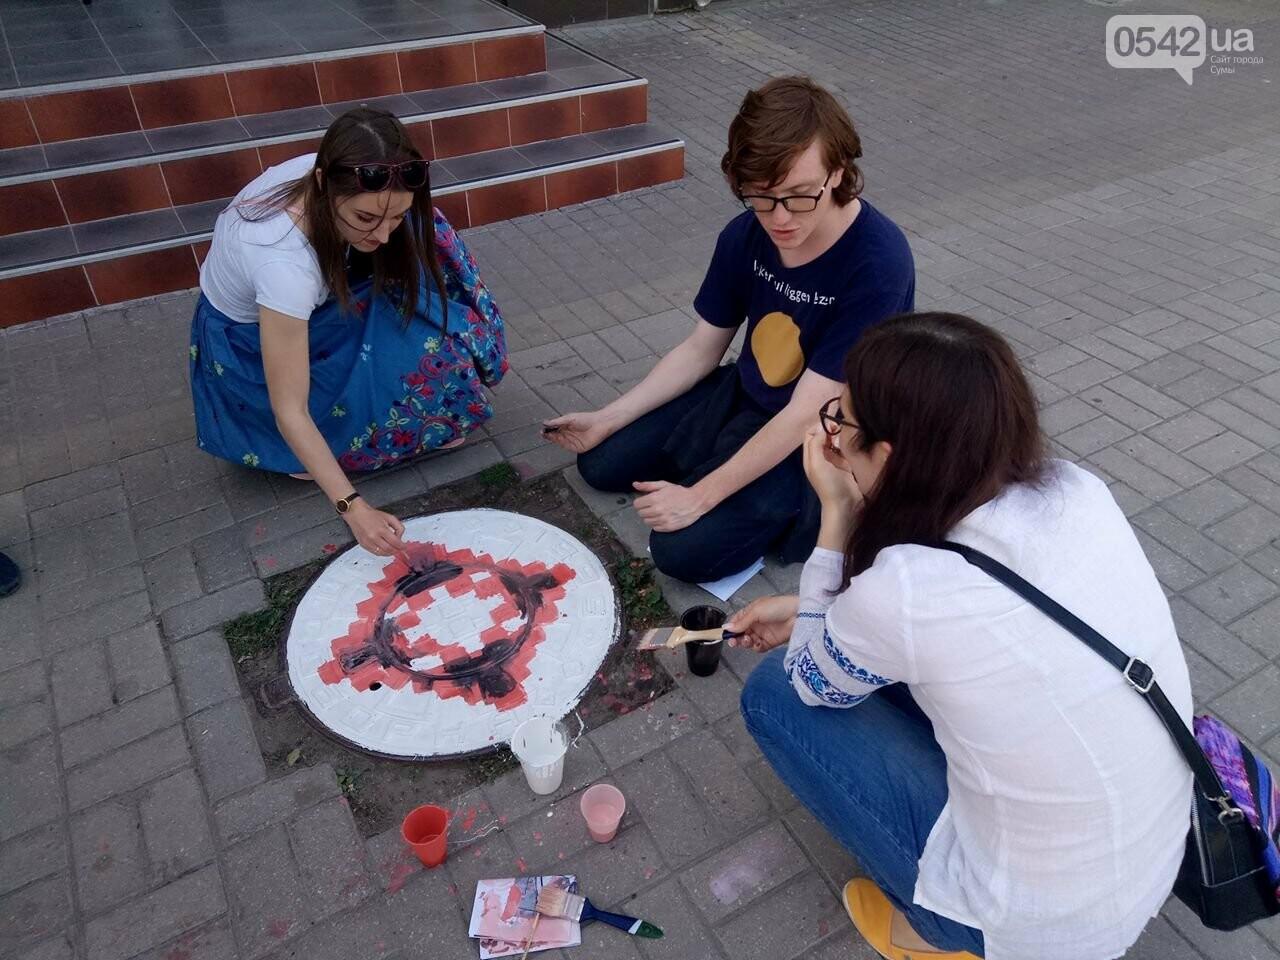 Фотофакт: в День вышиванки в Сумах оригинально разрисовали люки, фото-1